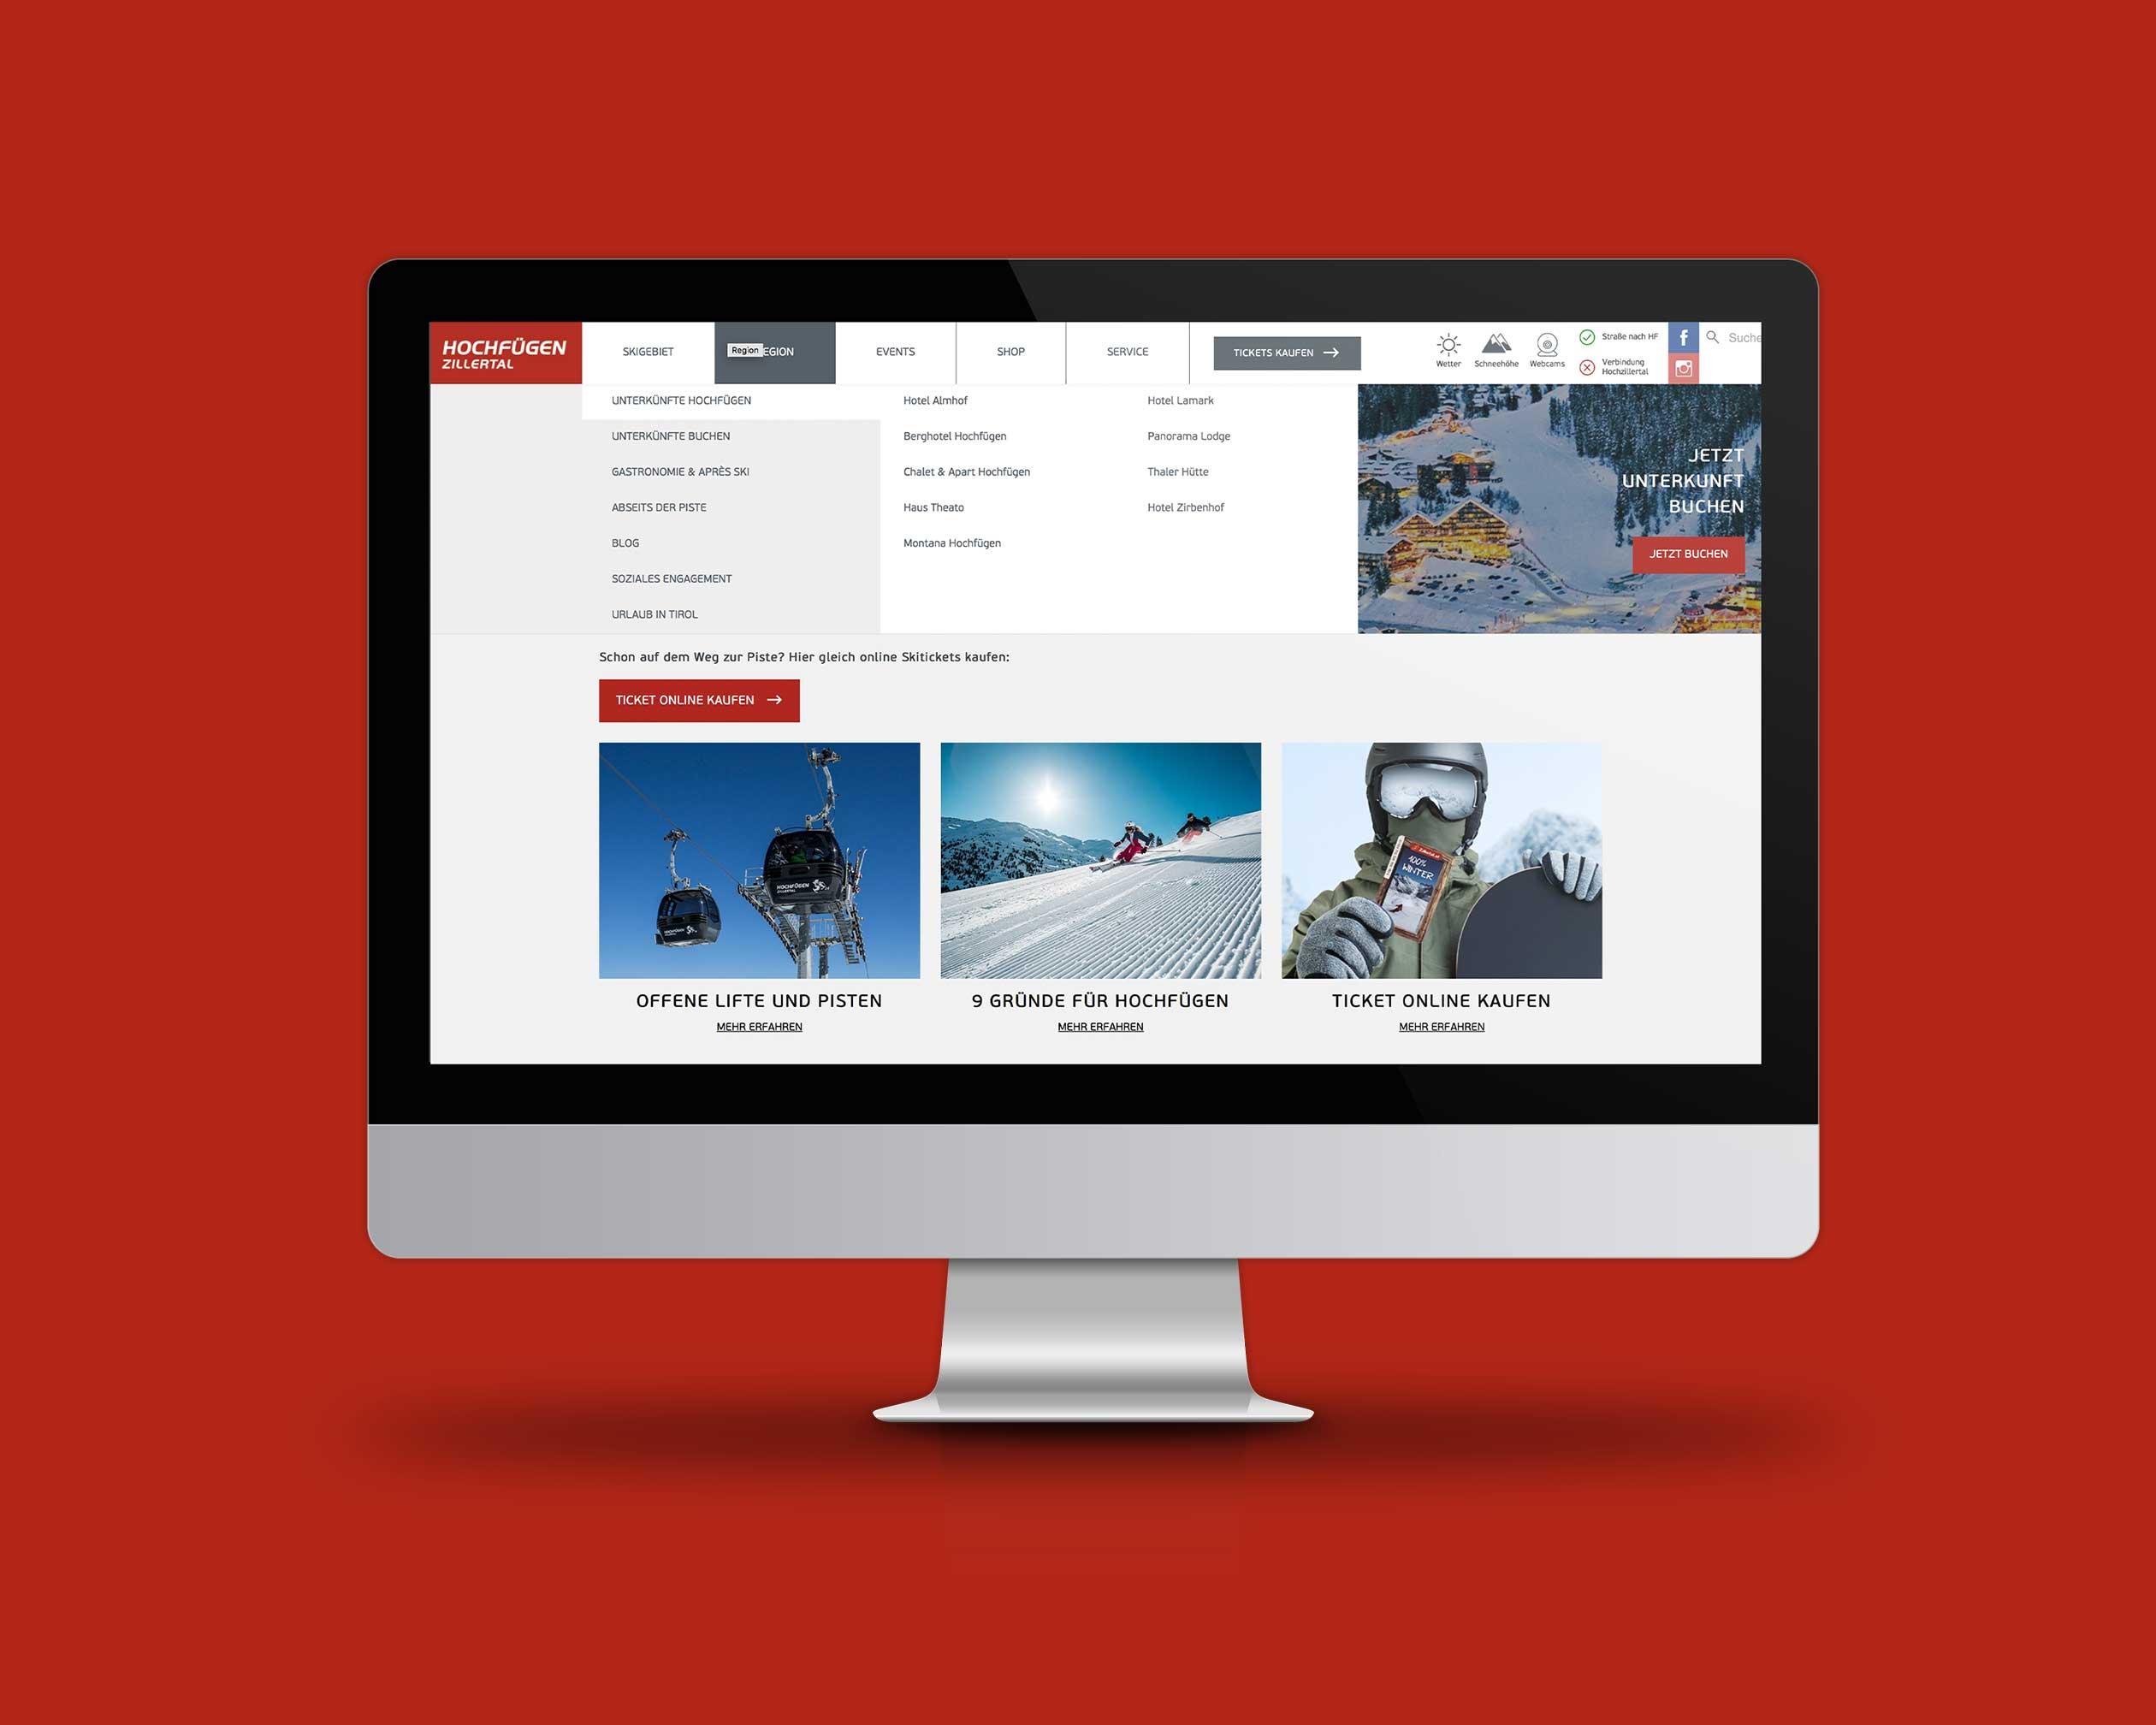 hochfügen-portfolio-web-08